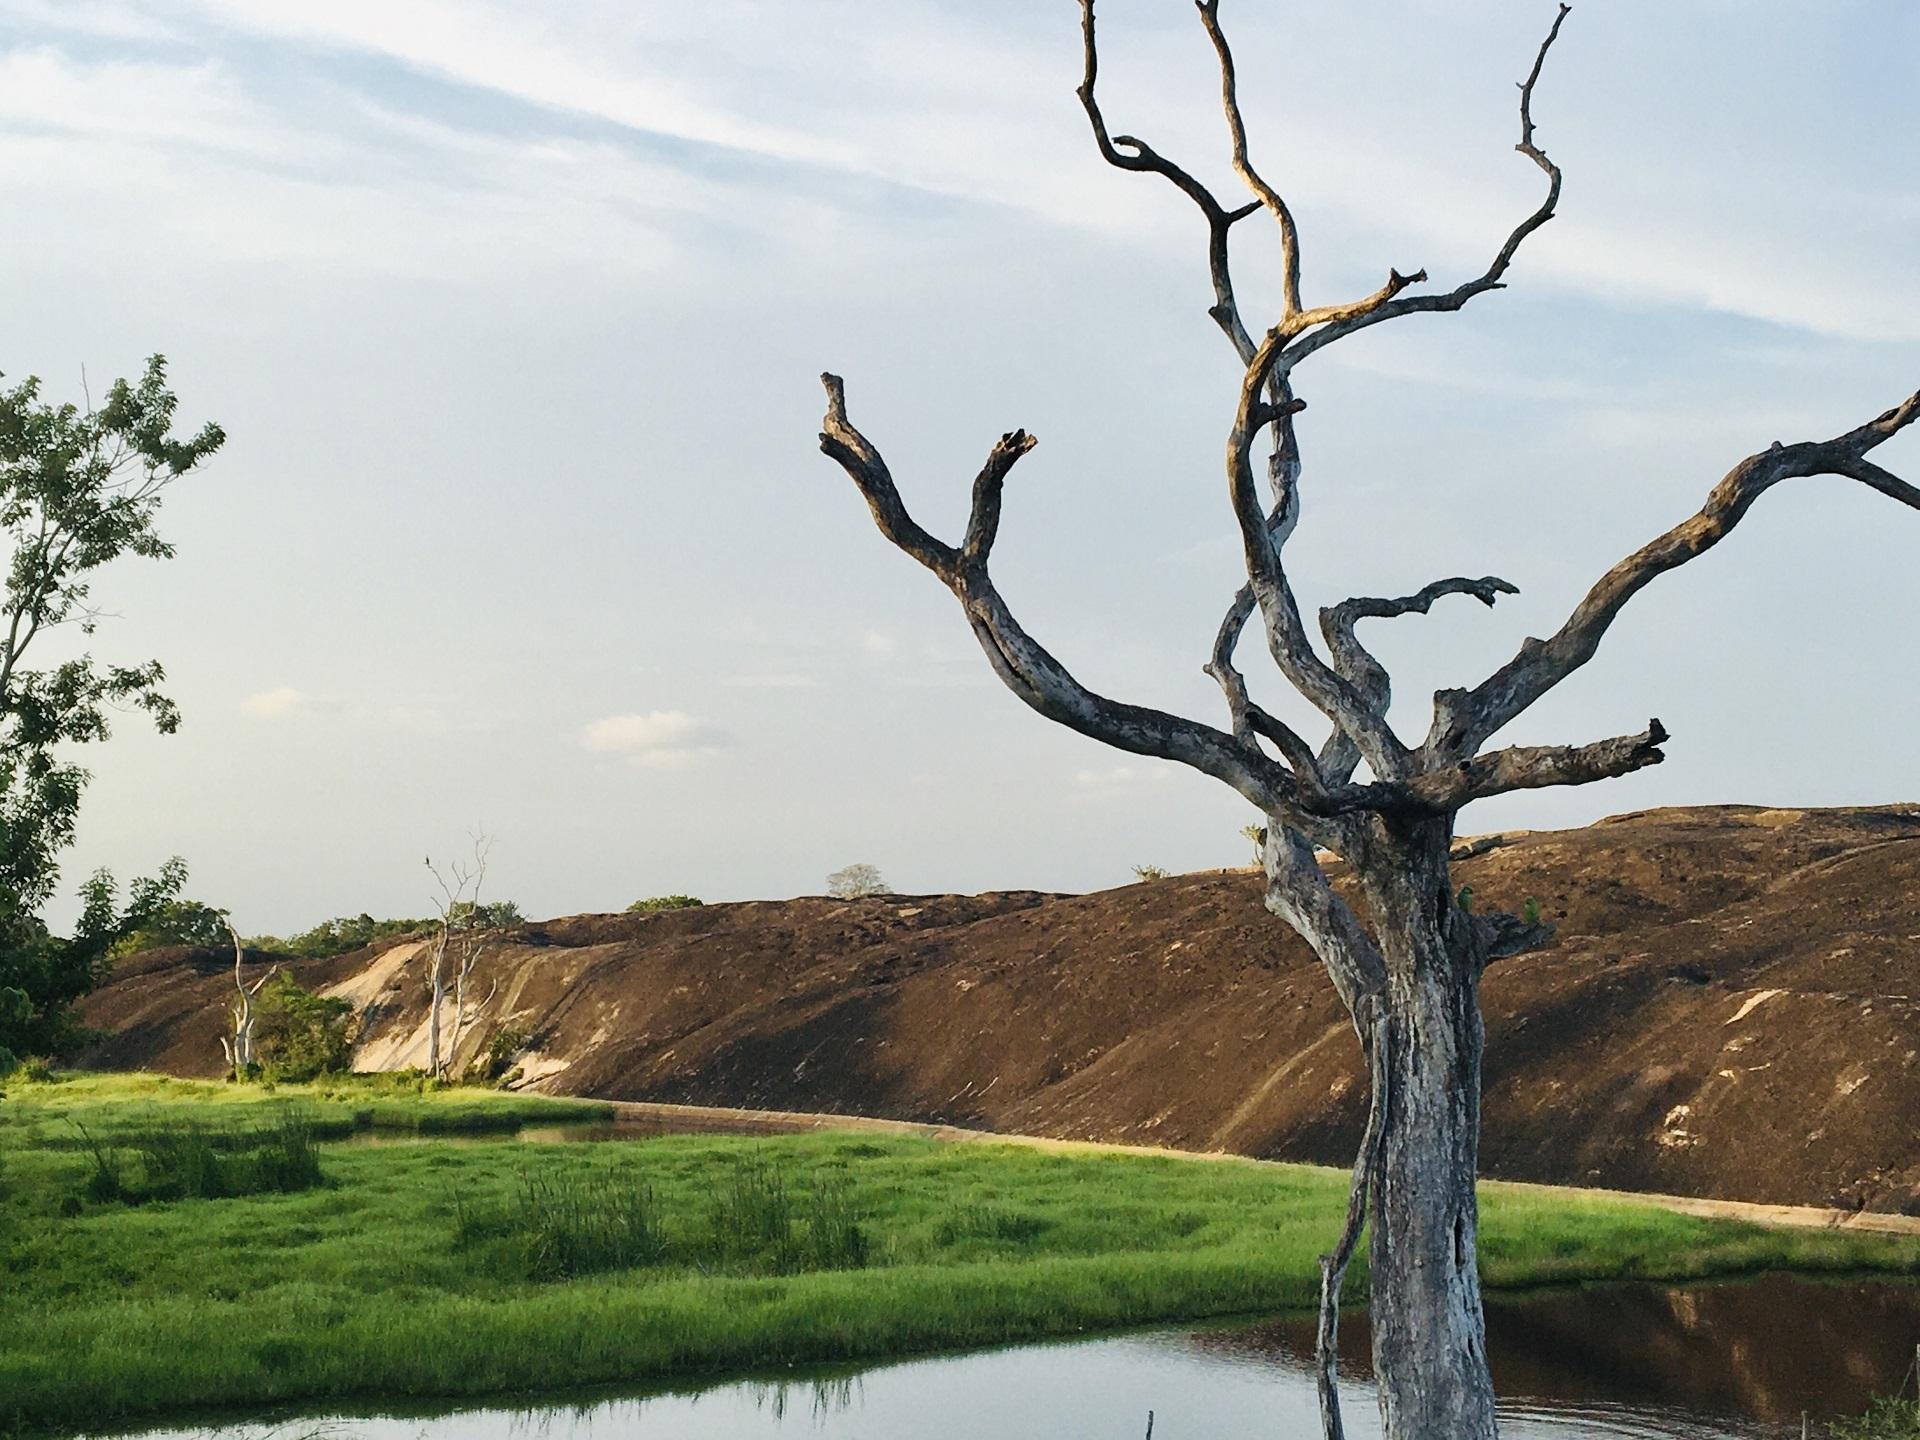 Trees around us example photo